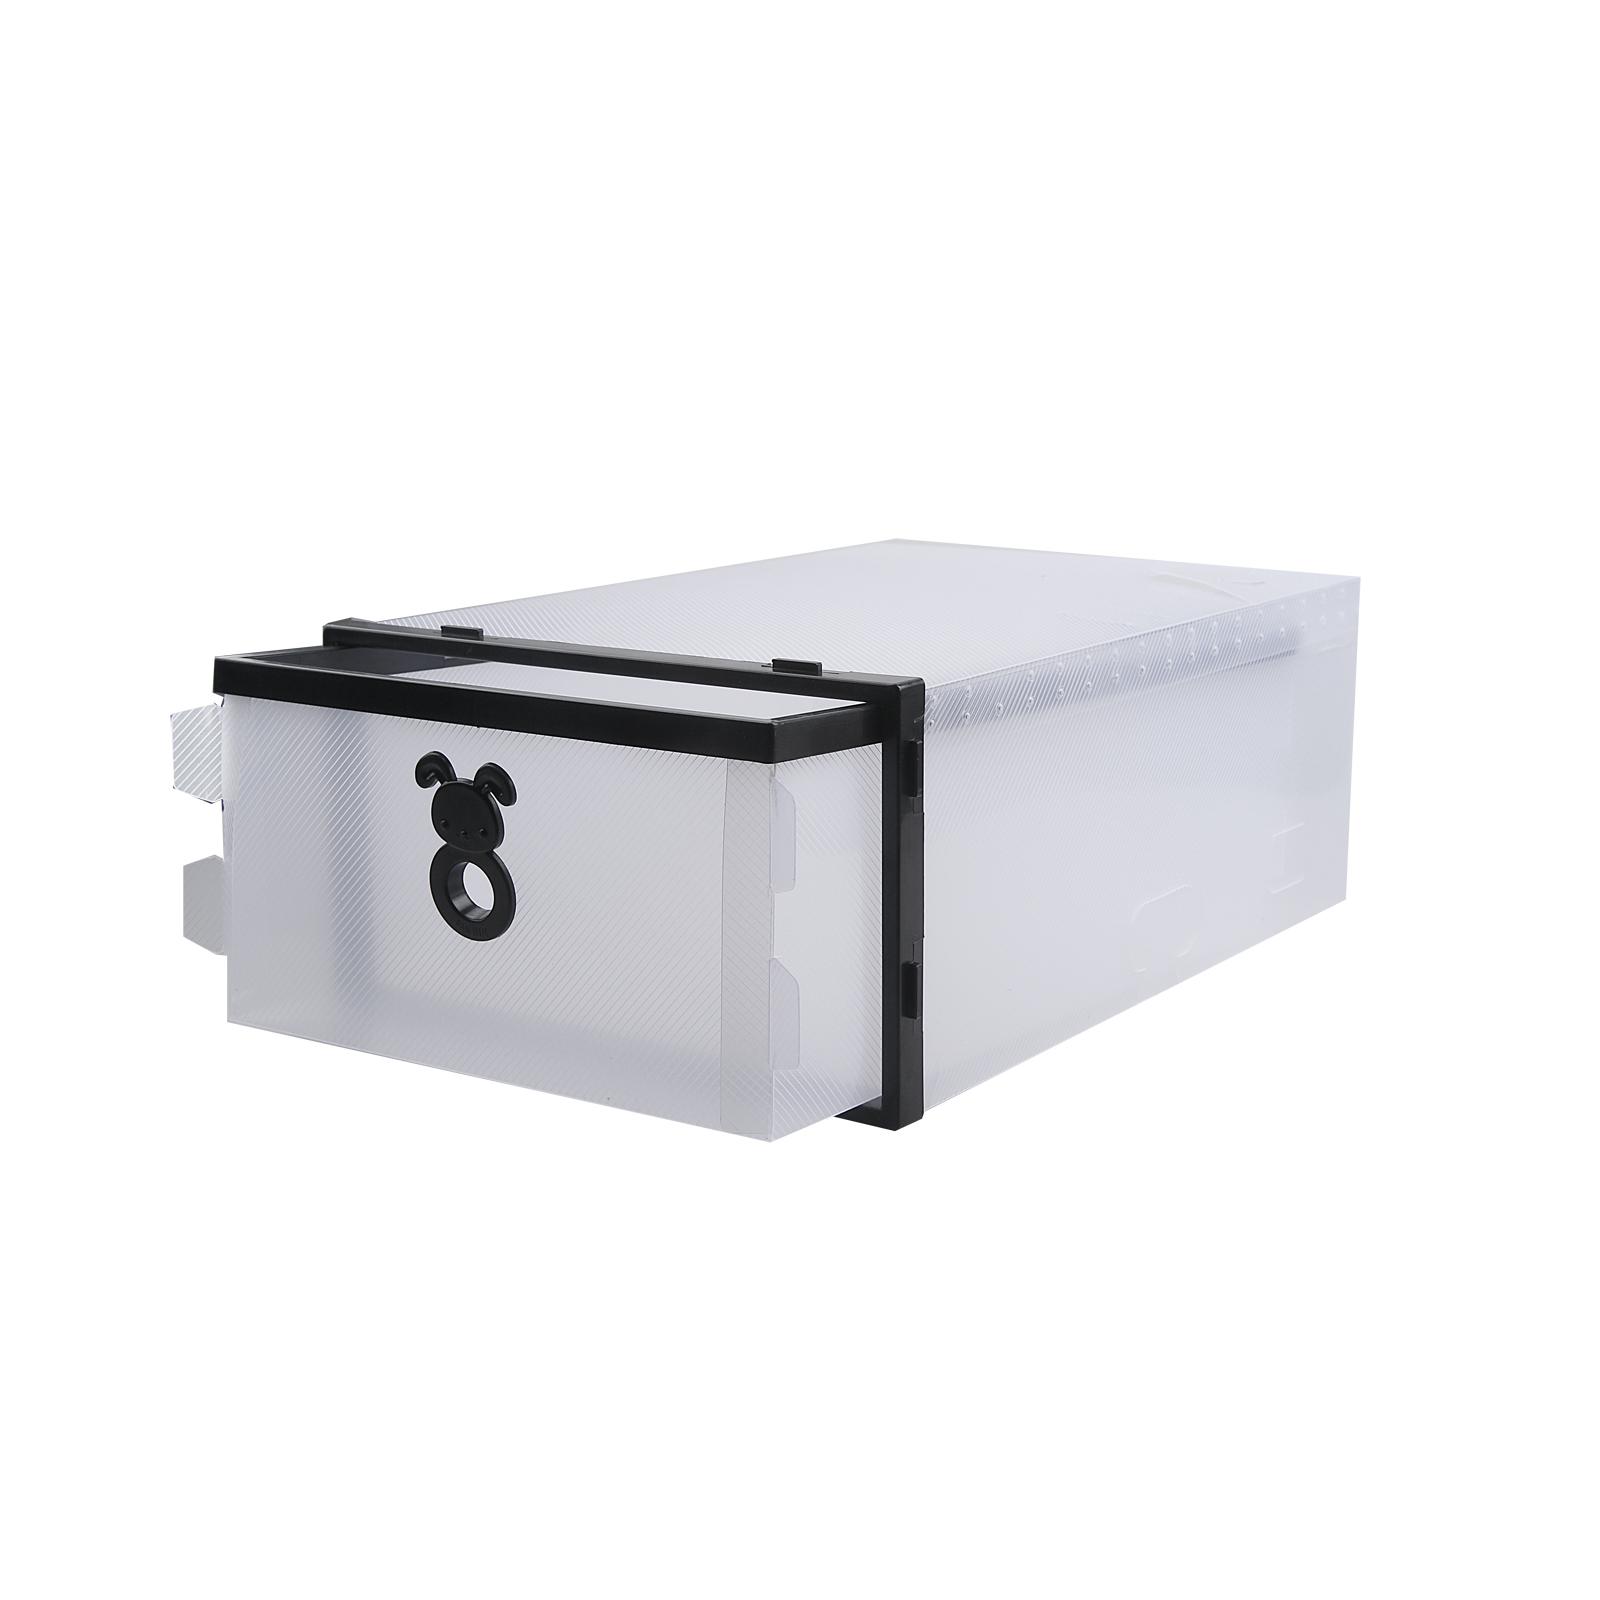 10pcs plastique empilable bo te chaussures housse tiroir. Black Bedroom Furniture Sets. Home Design Ideas